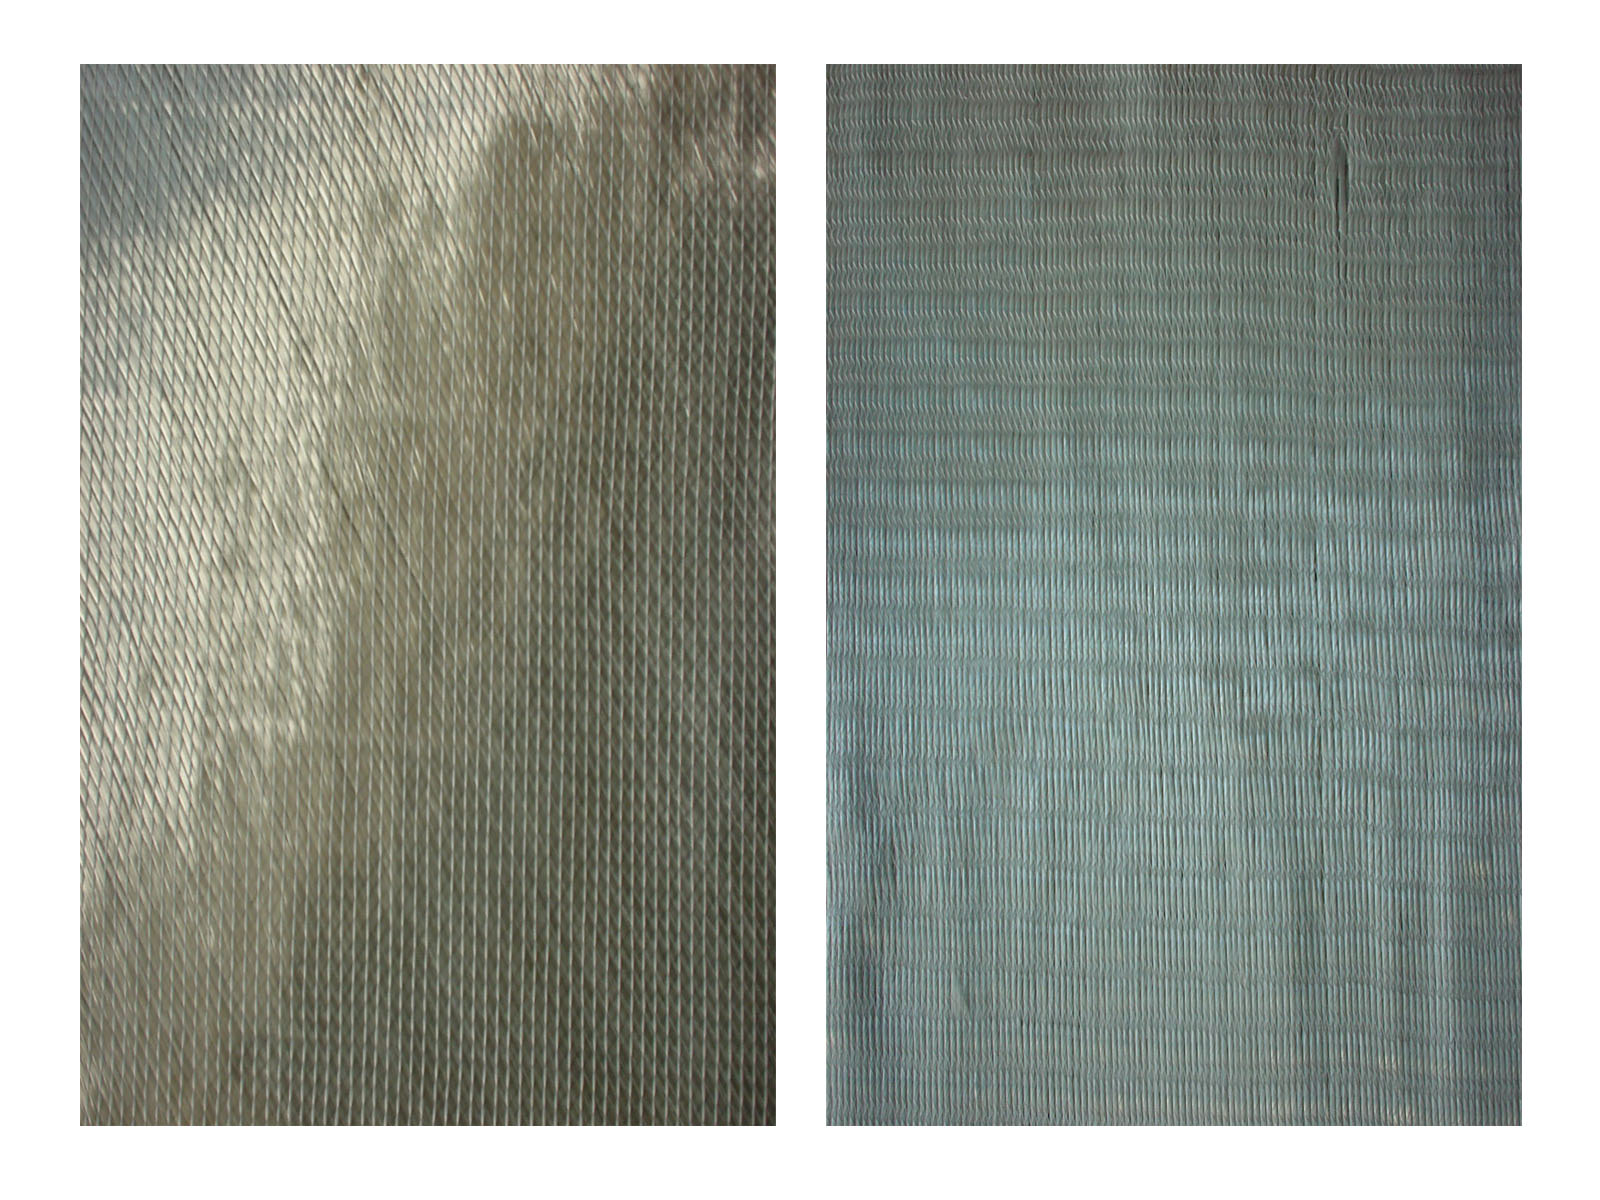 fiber glass resin 4